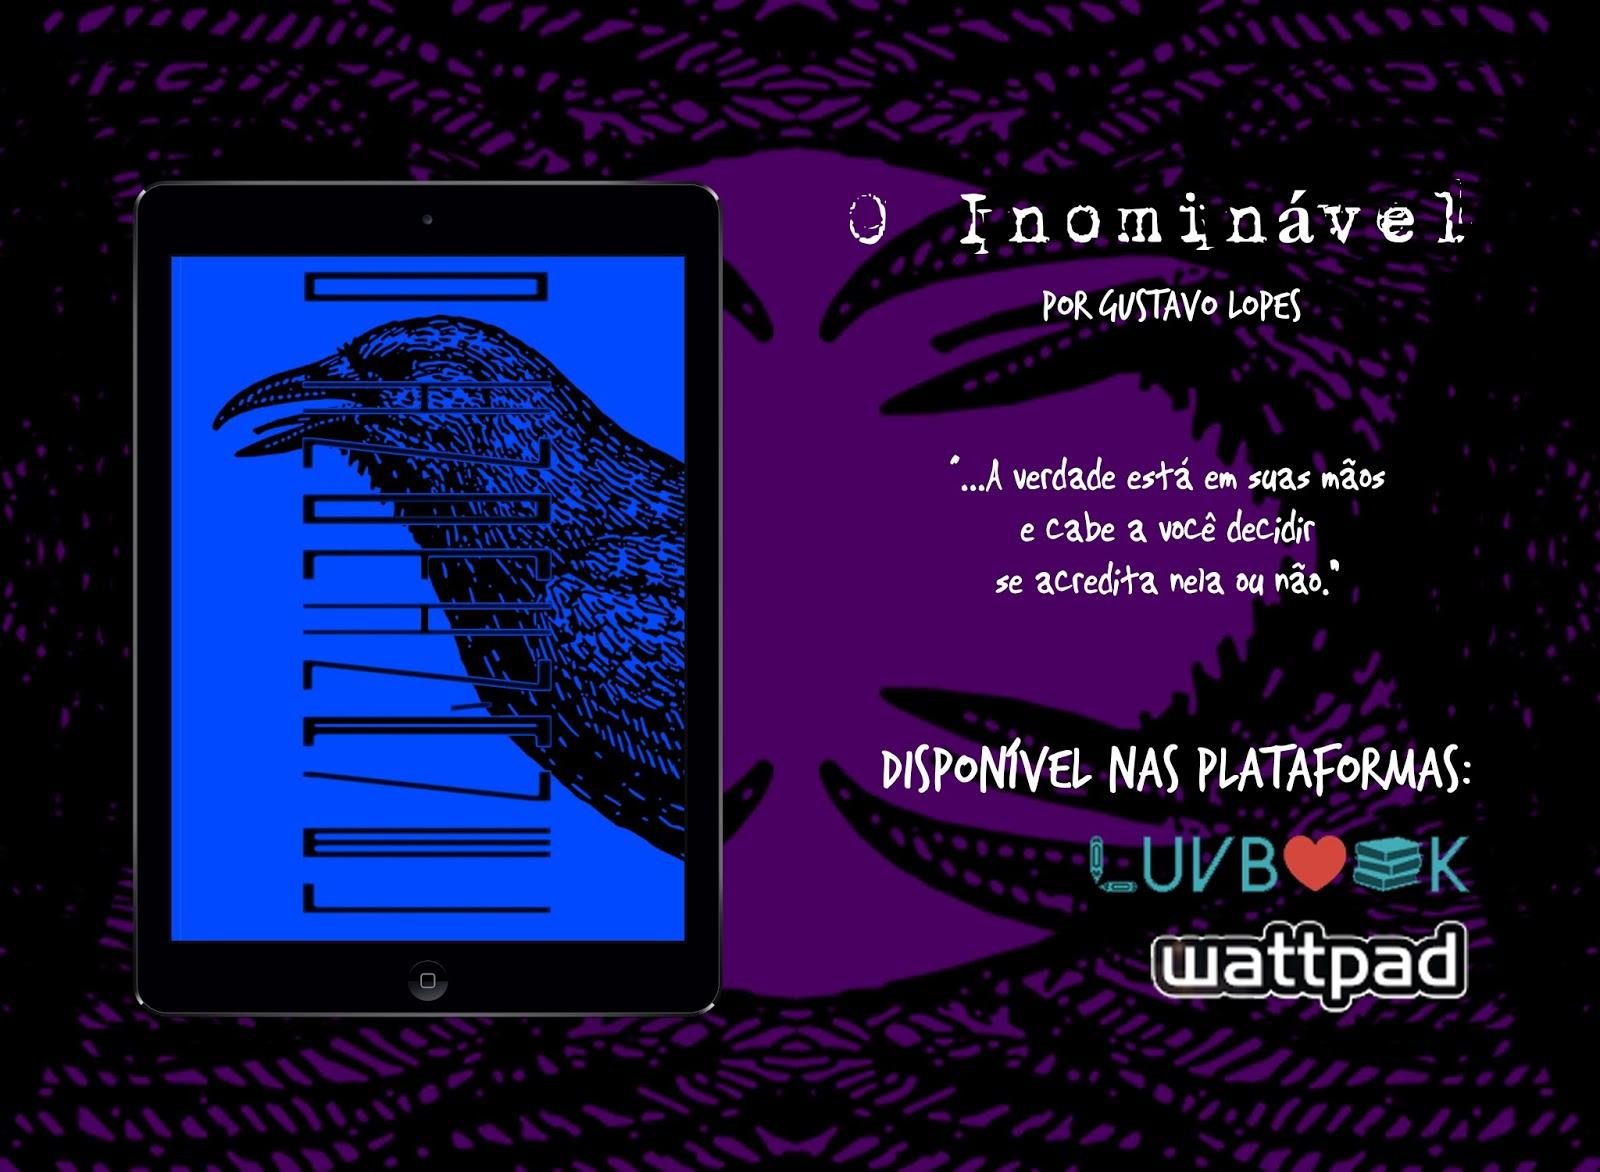 """Conheça """"O Inominável"""" livro de Gustavo Lopes"""